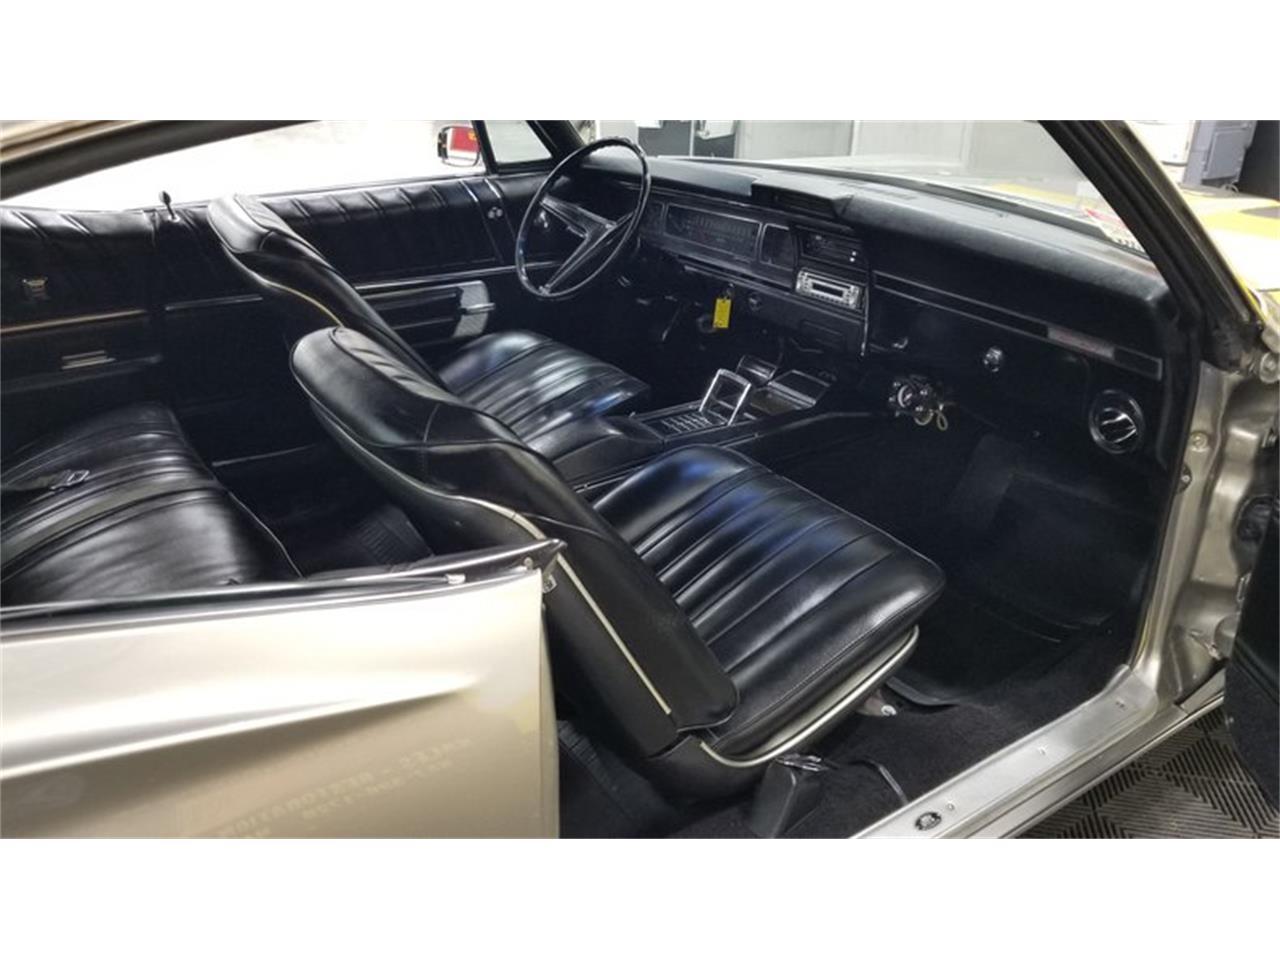 1968 Chevrolet Impala (CC-1421021) for sale in Mankato, Minnesota